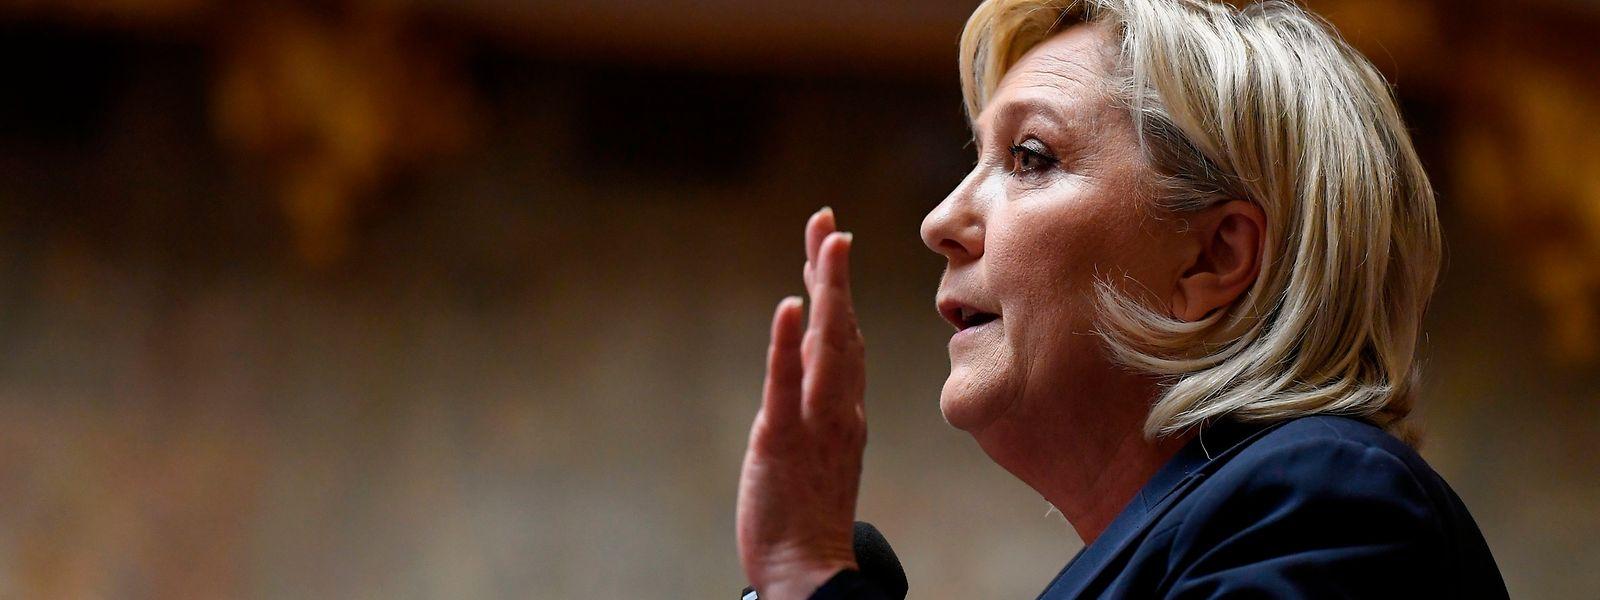 Marine Le Pen bemüht sich, ihre Partei salonfähig zu machen.